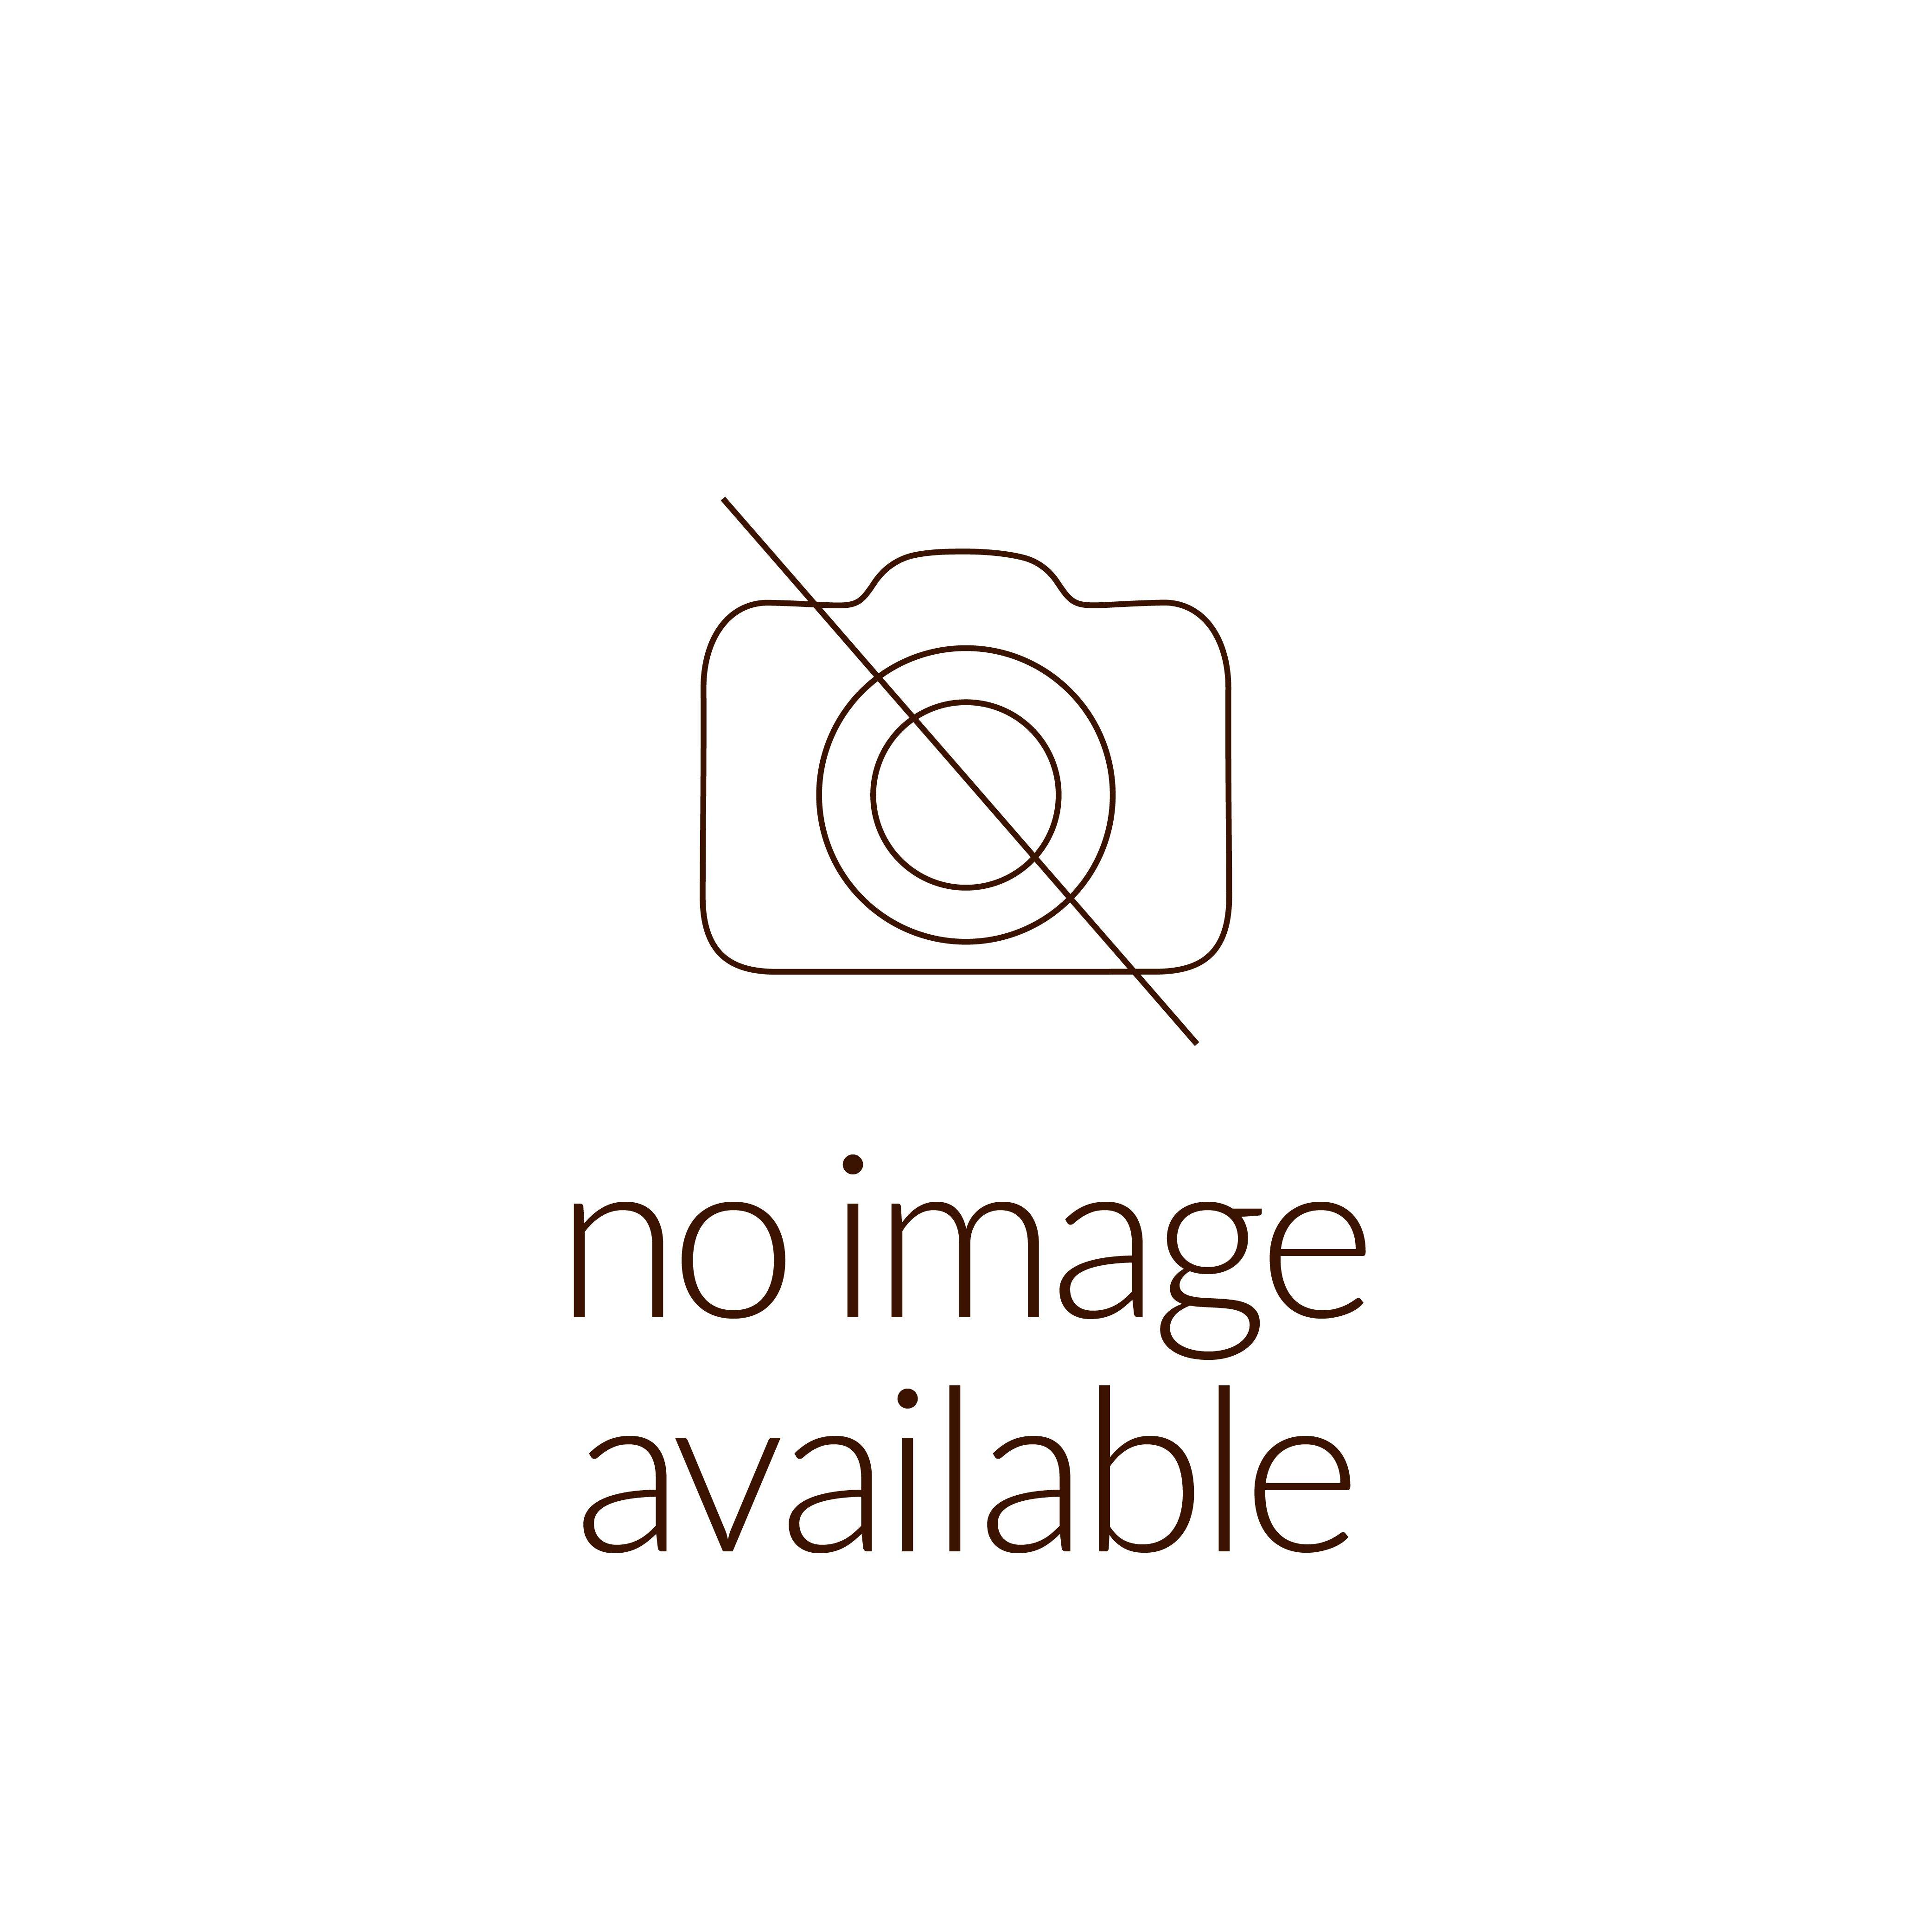 """מדליה ממלכתית, אסתר המלכה - נשים בתנ""""ך, ארד טומבק, 40.0 מ""""מ, 17 גרם - צד הנושא"""